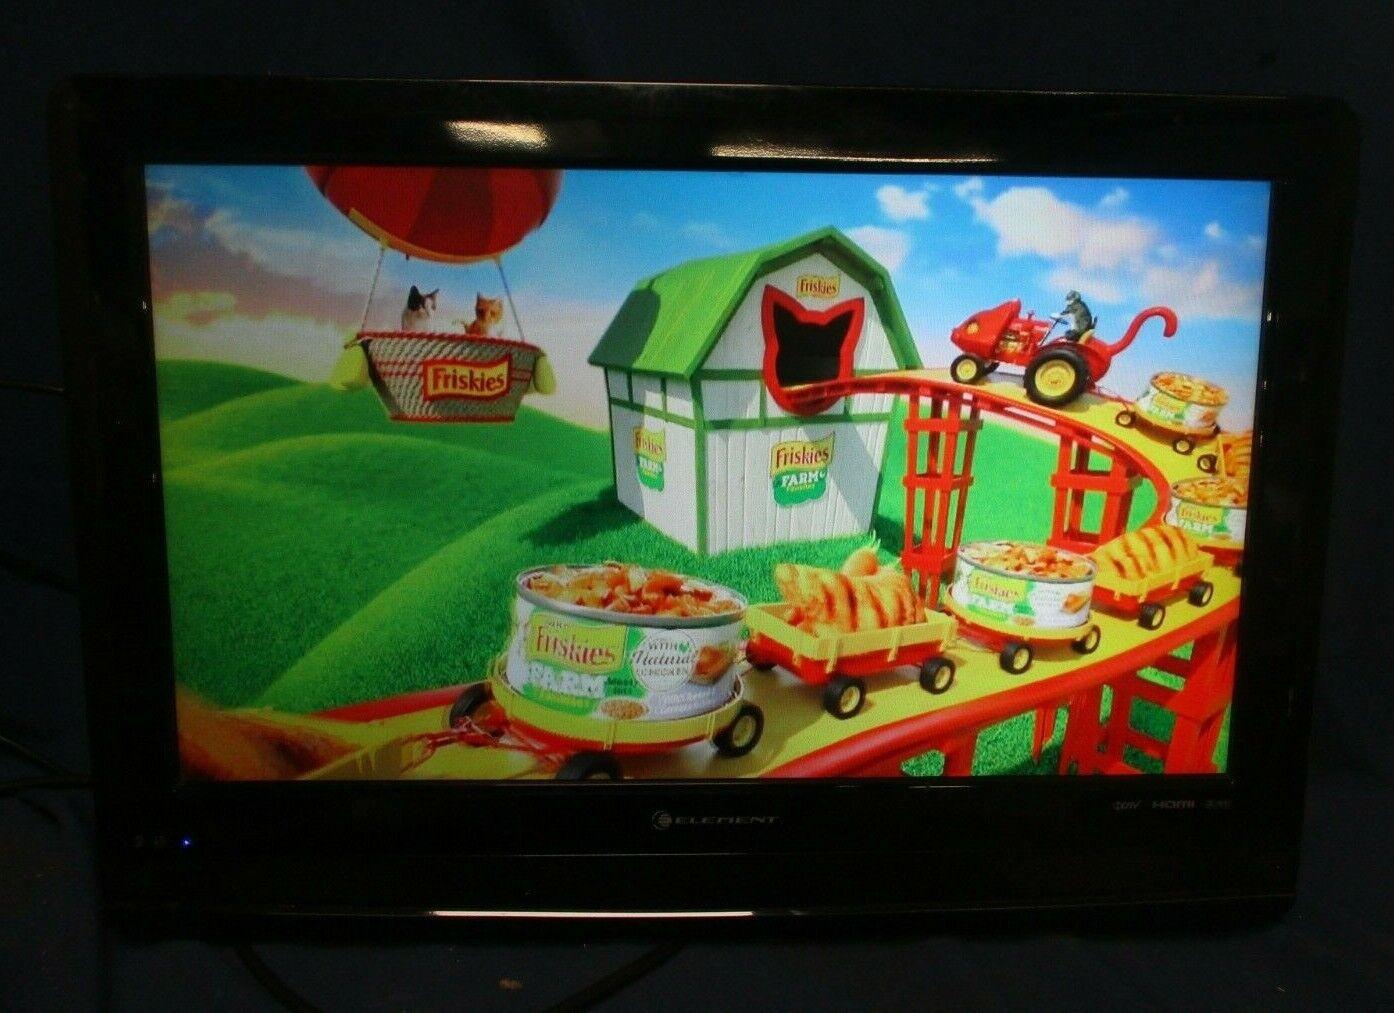 ELEFW195  Element elchw261 26 LED Flat Screen TV FAST SHIPPING!